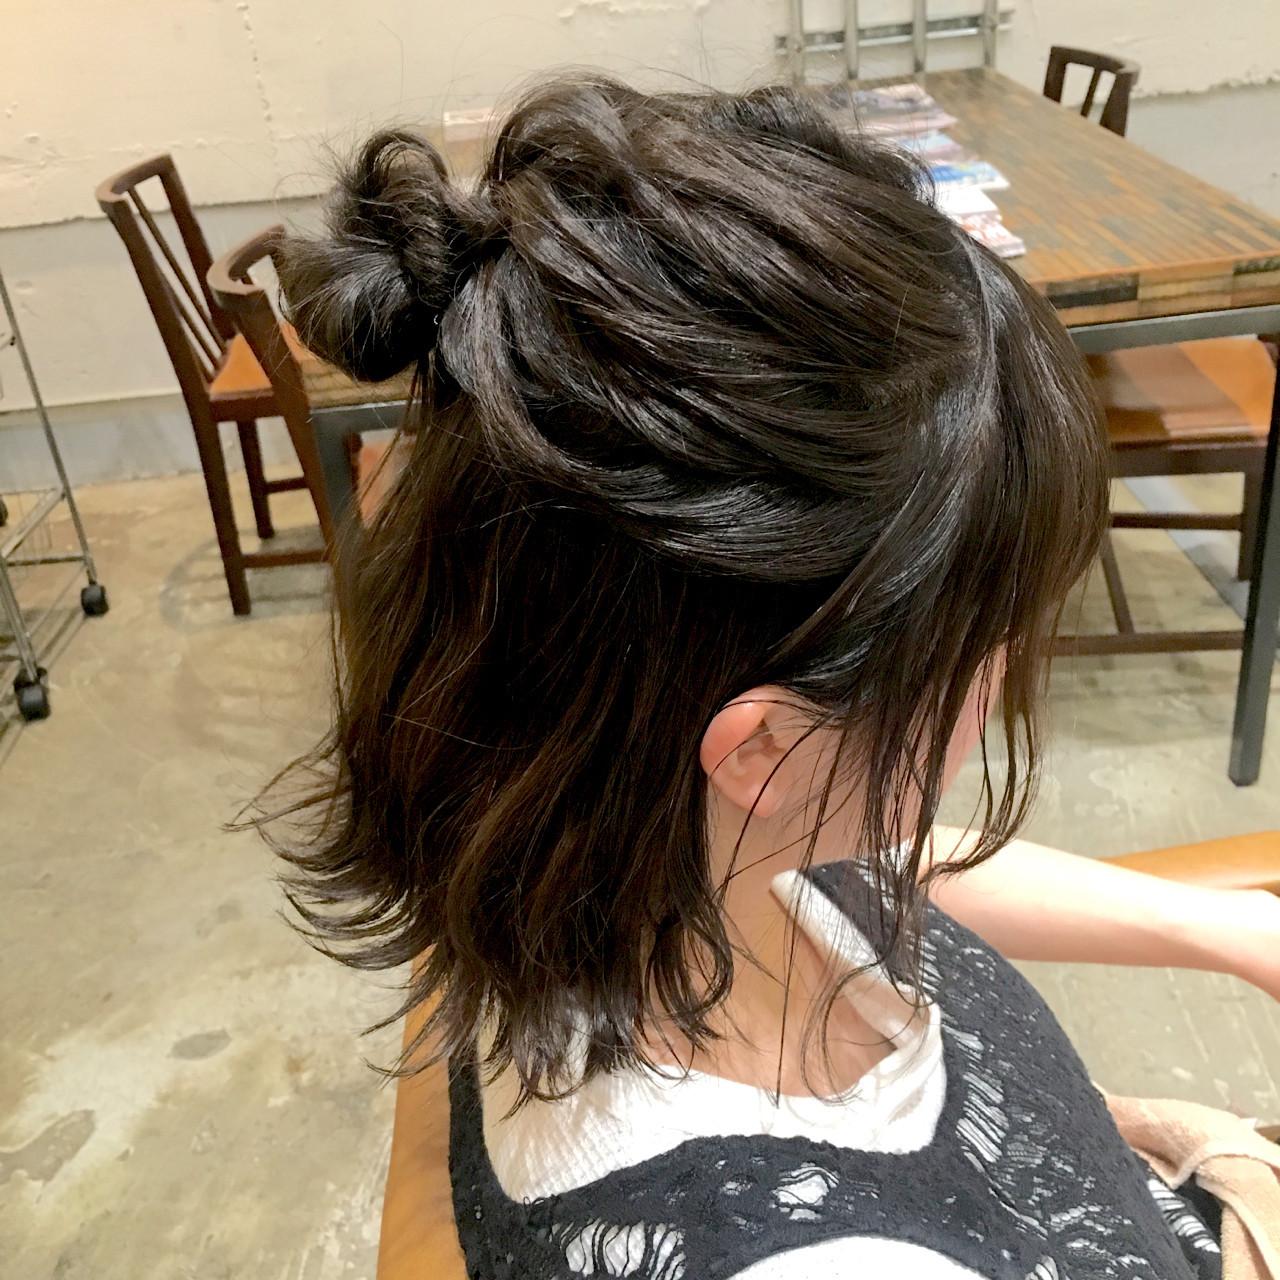 アンニュイ ナチュラル ボブ 簡単ヘアアレンジ ヘアスタイルや髪型の写真・画像